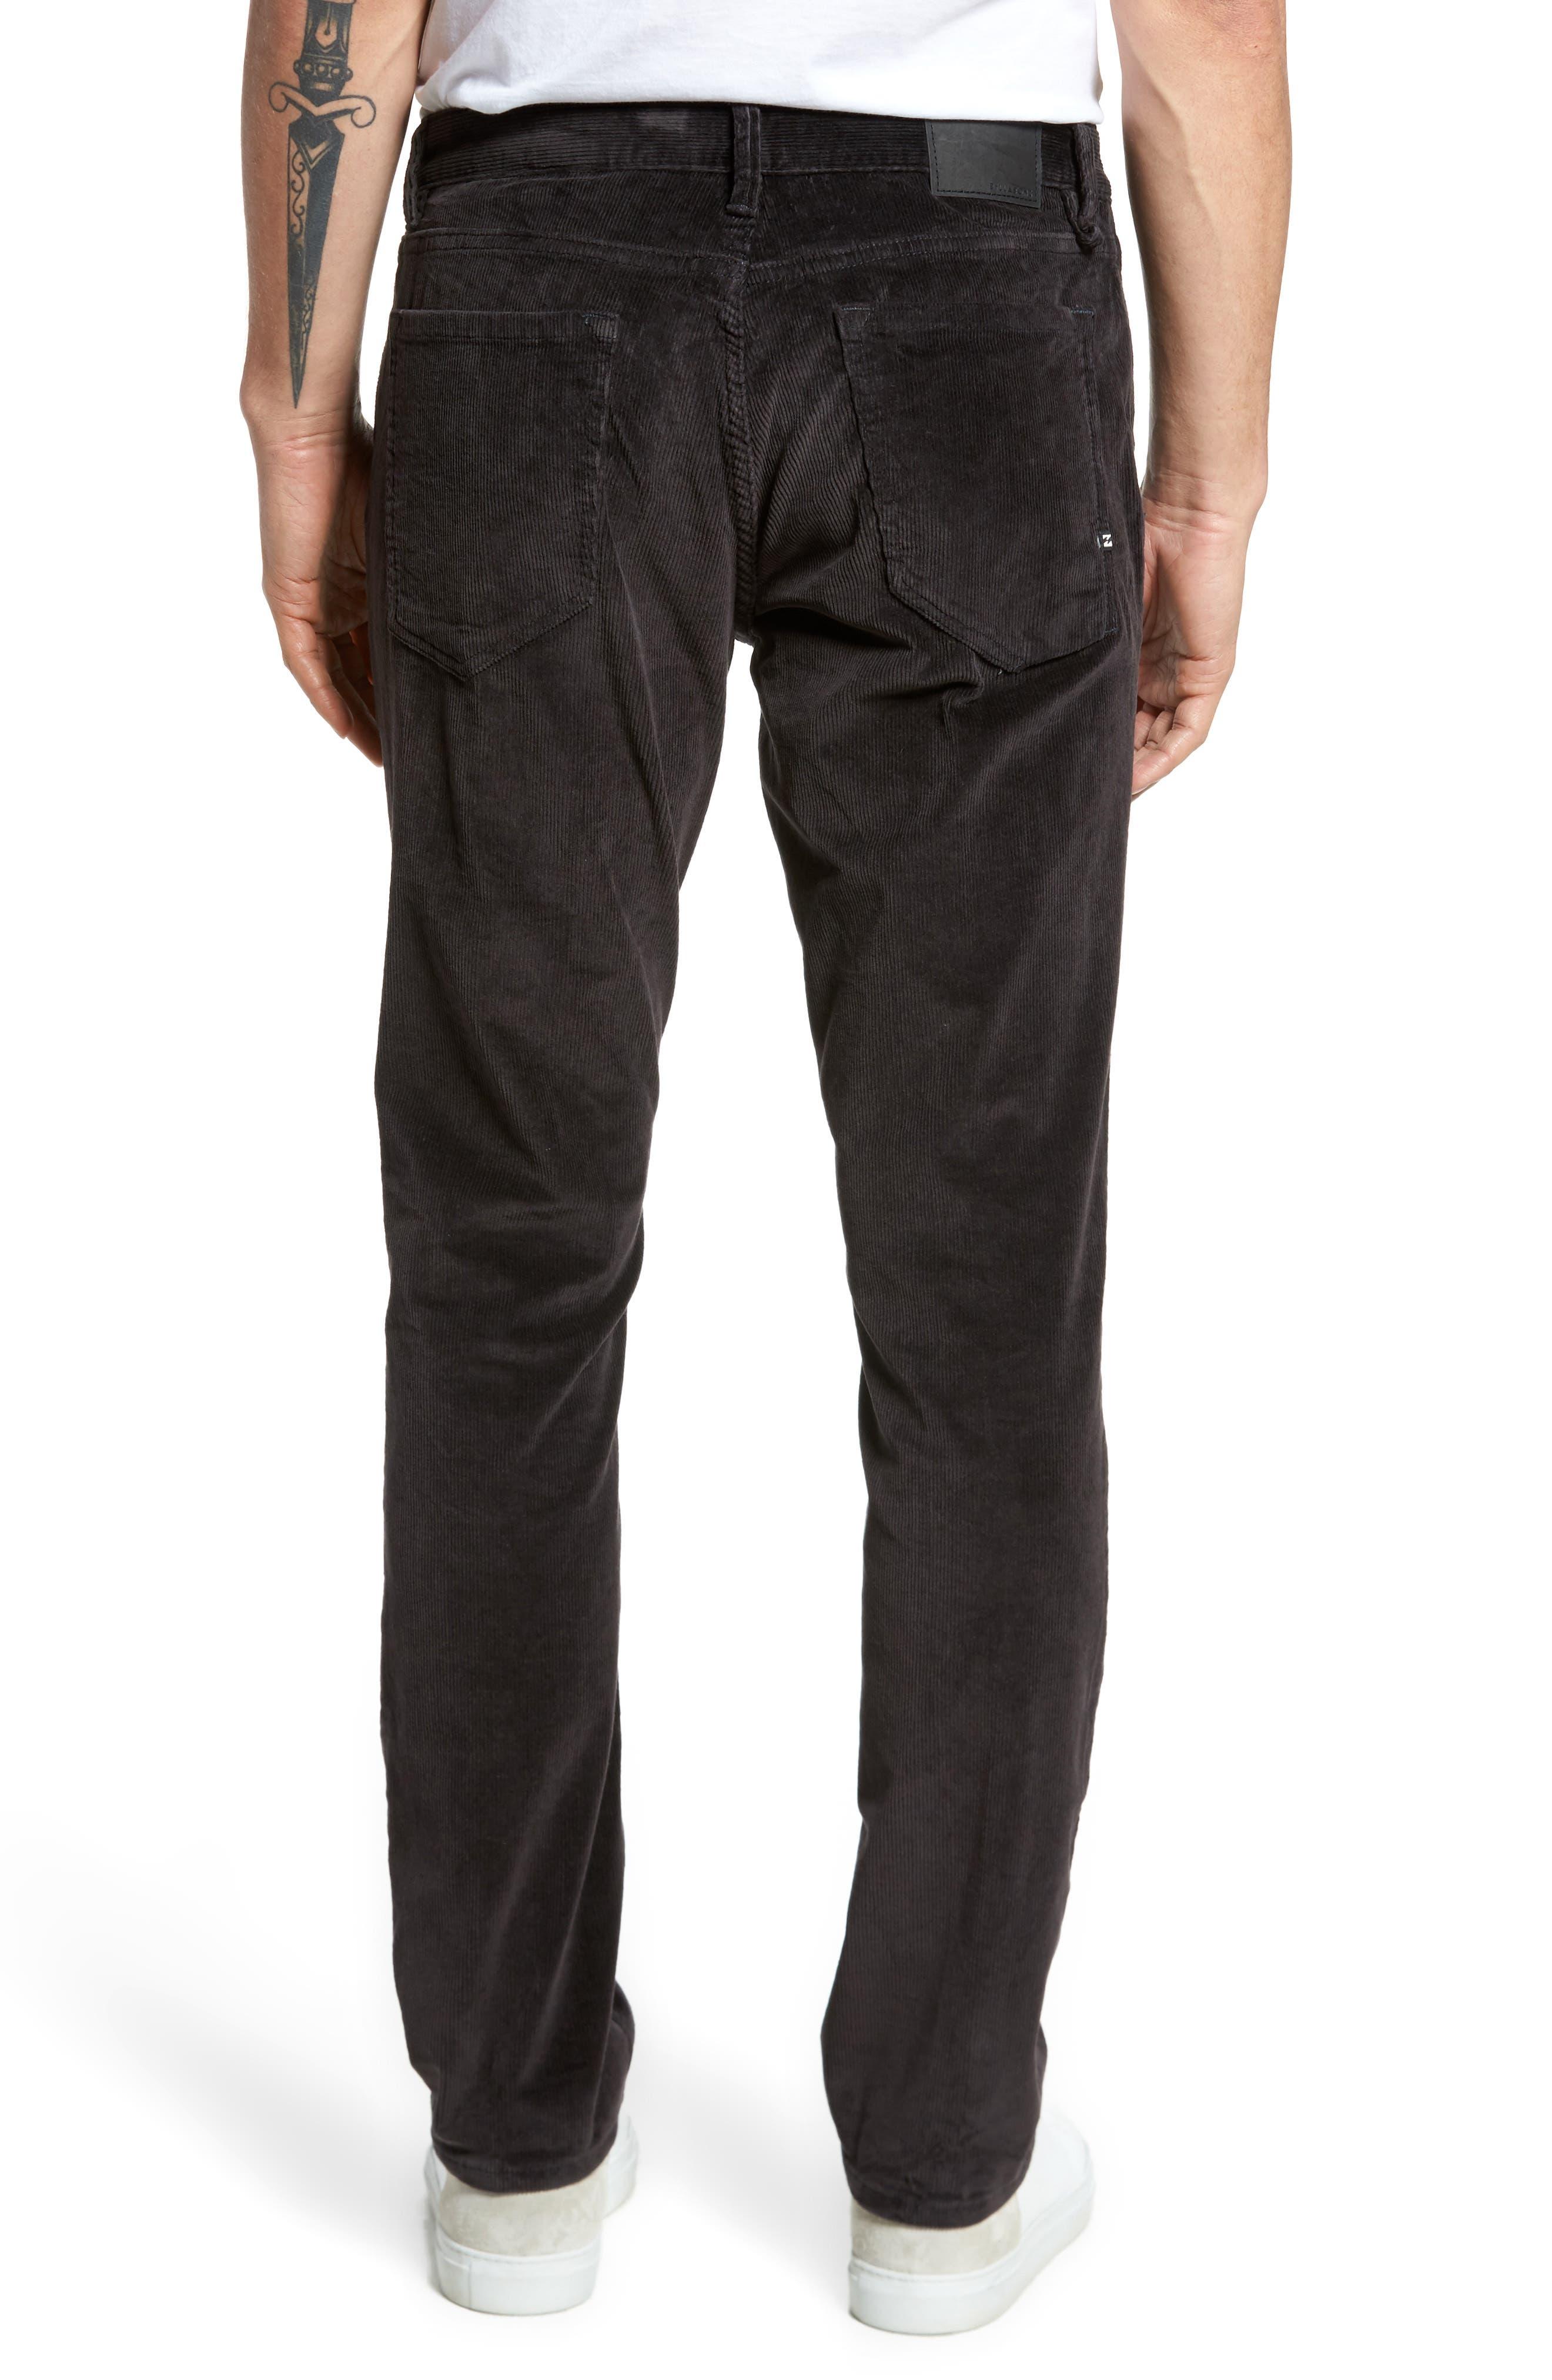 Outsider Corduroy Pants,                             Alternate thumbnail 2, color,                             Charcoal